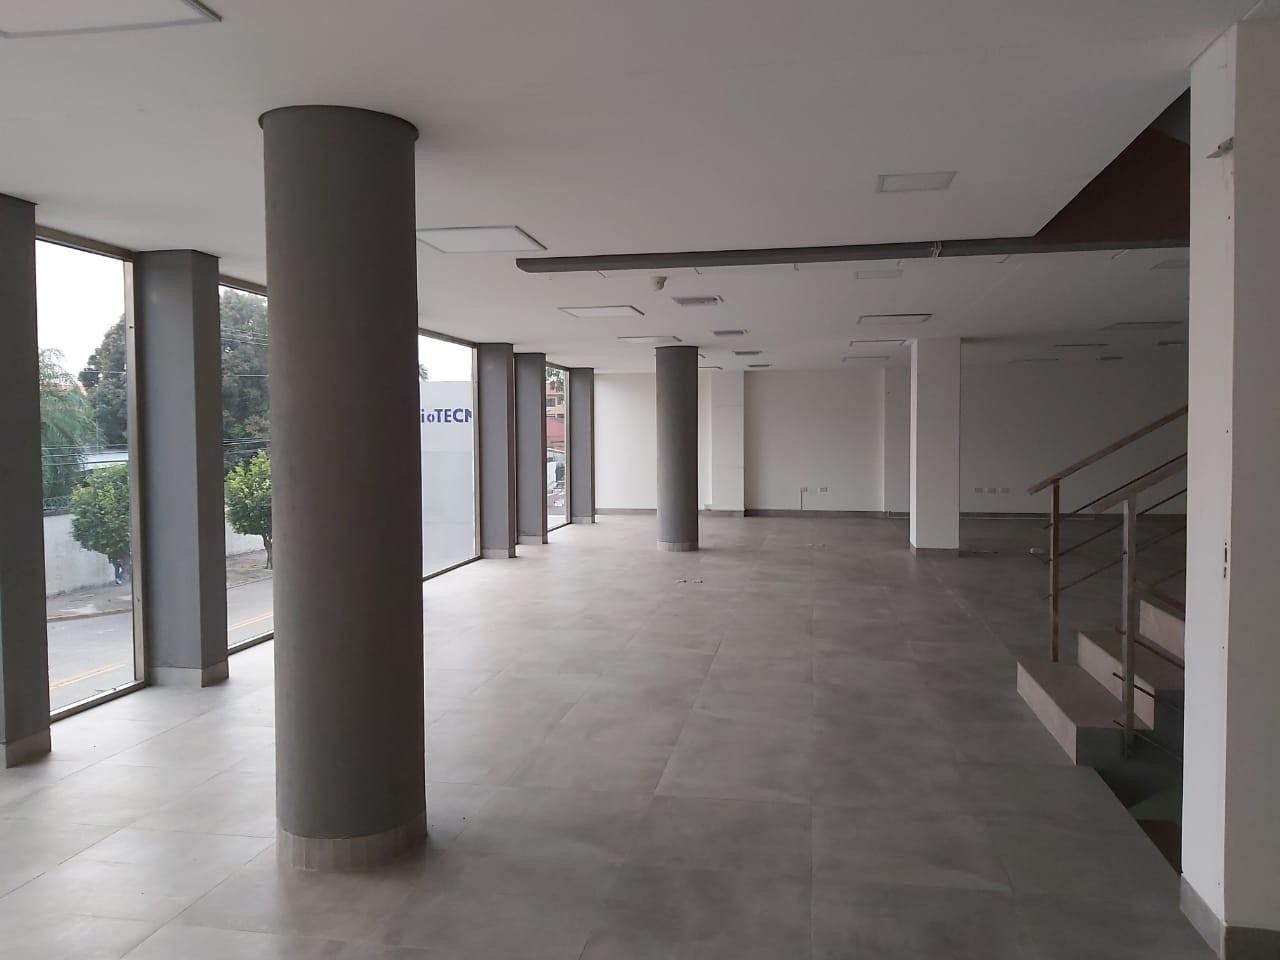 Oficina en Alquiler Calle Roboré paralela al 2do anillo Foto 2